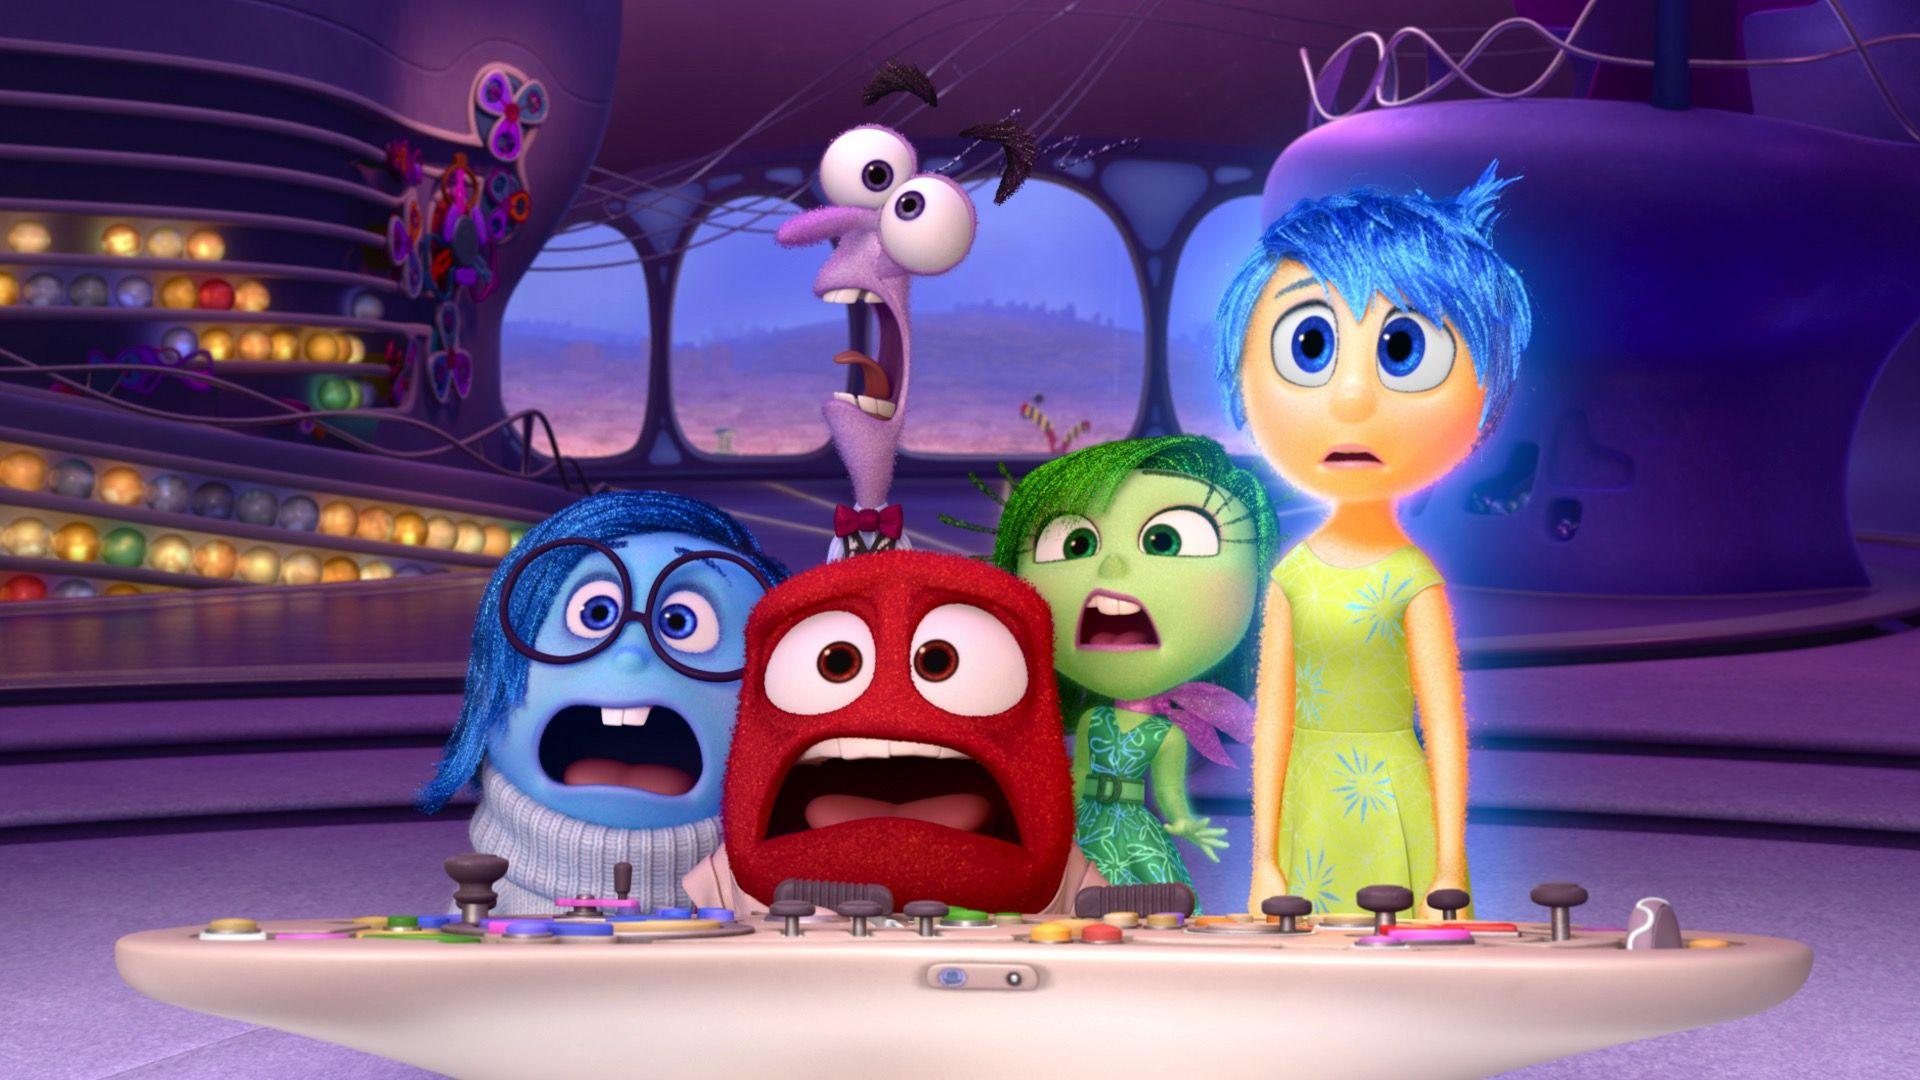 Cinema e TV formato bambini -I consigli di Lalelaly: Inside Out